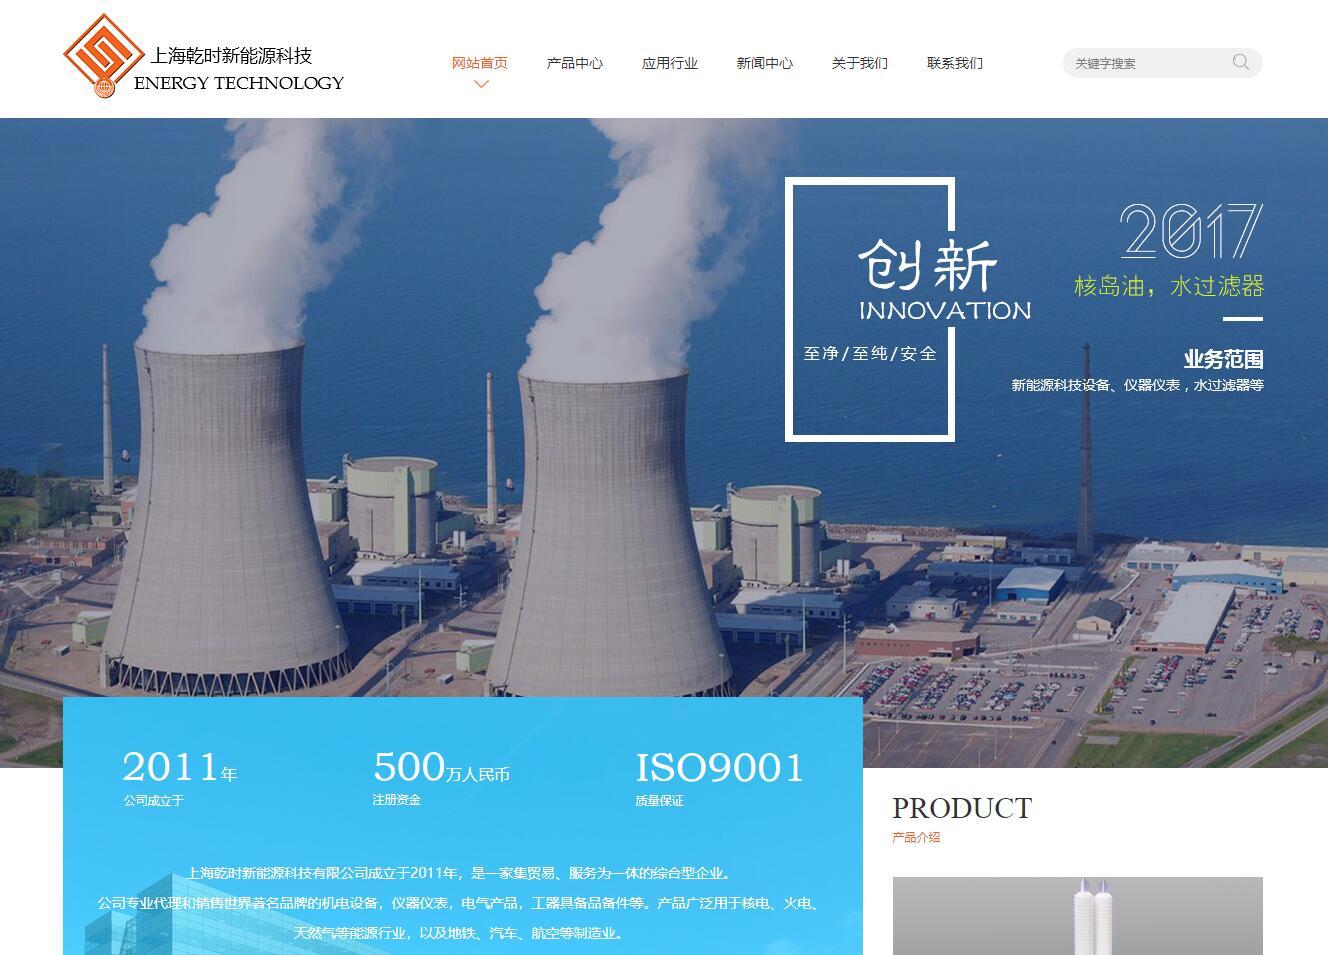 上海XX新能源科技有限公司网站建设案例